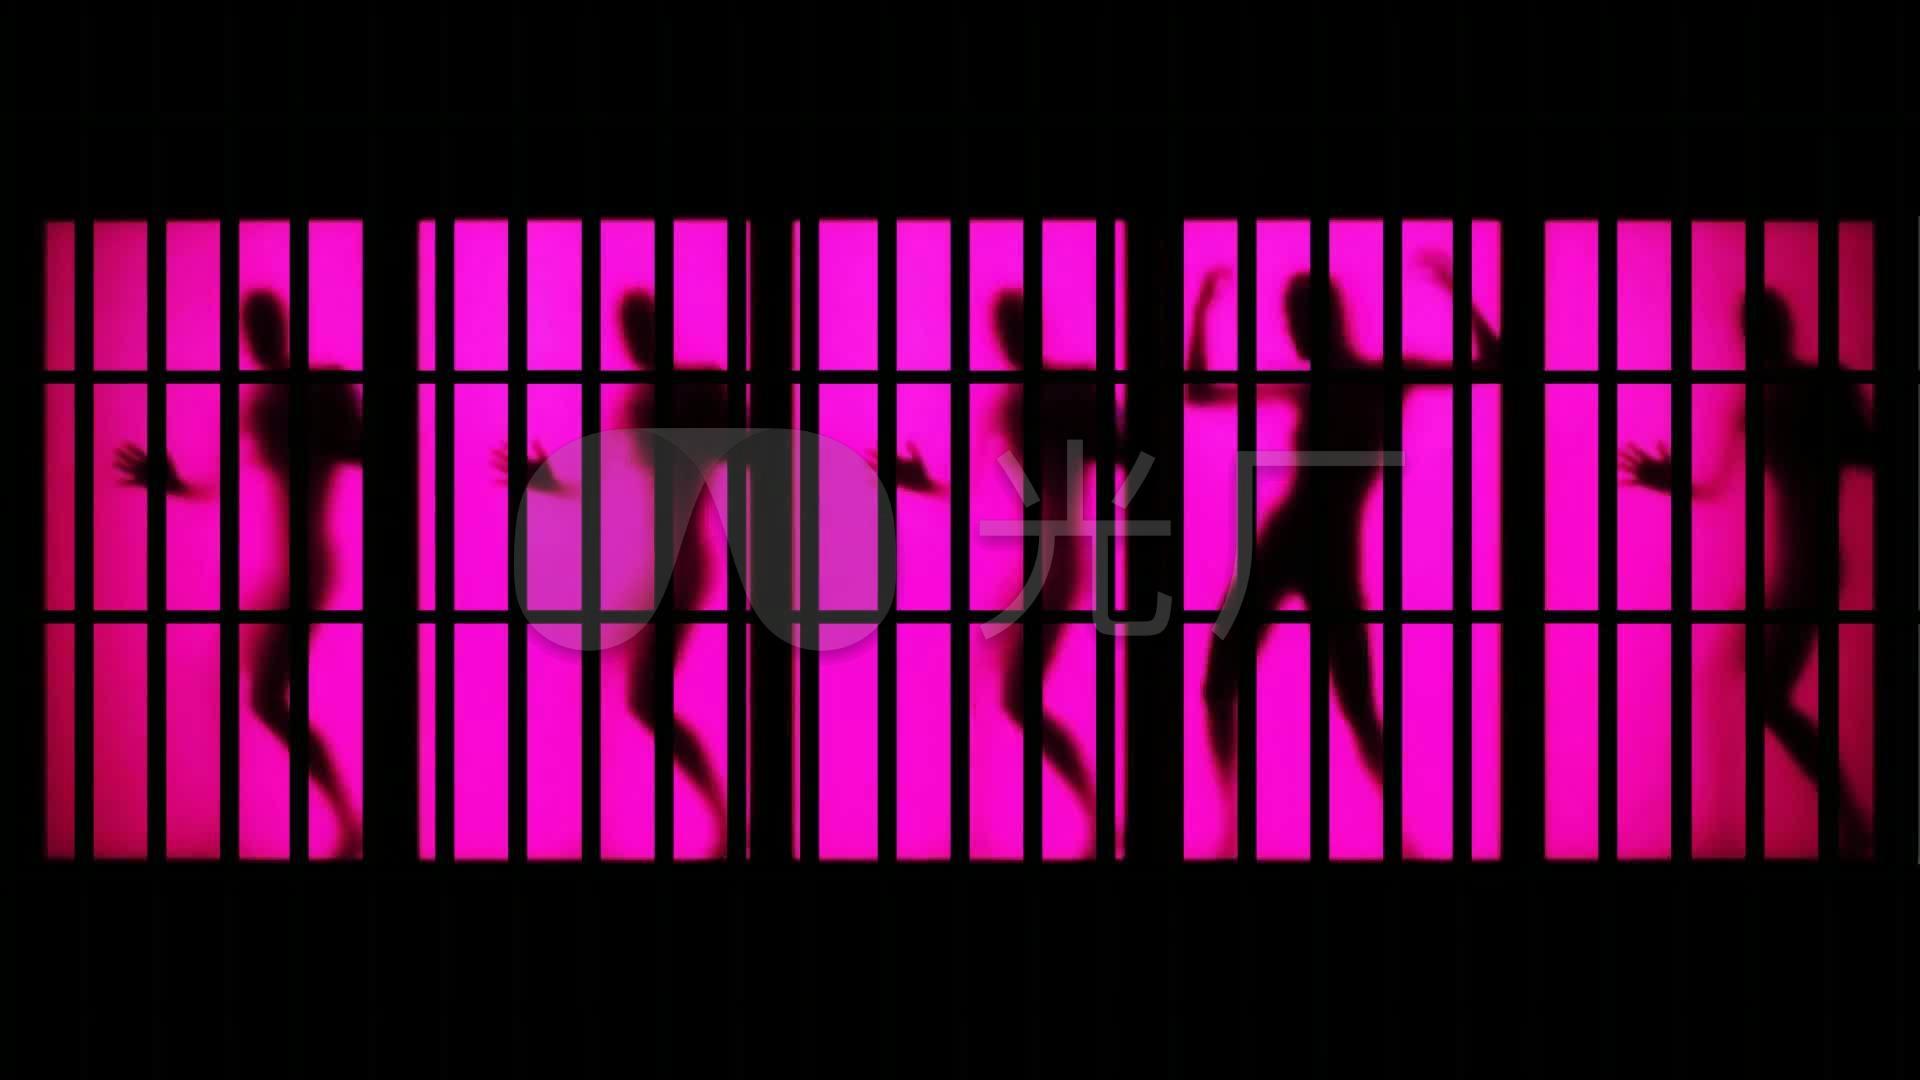 (最新)牢房舞女动画v牢房魅影头像女生_1920X背影带影子蜜qq闺字头像美女图片